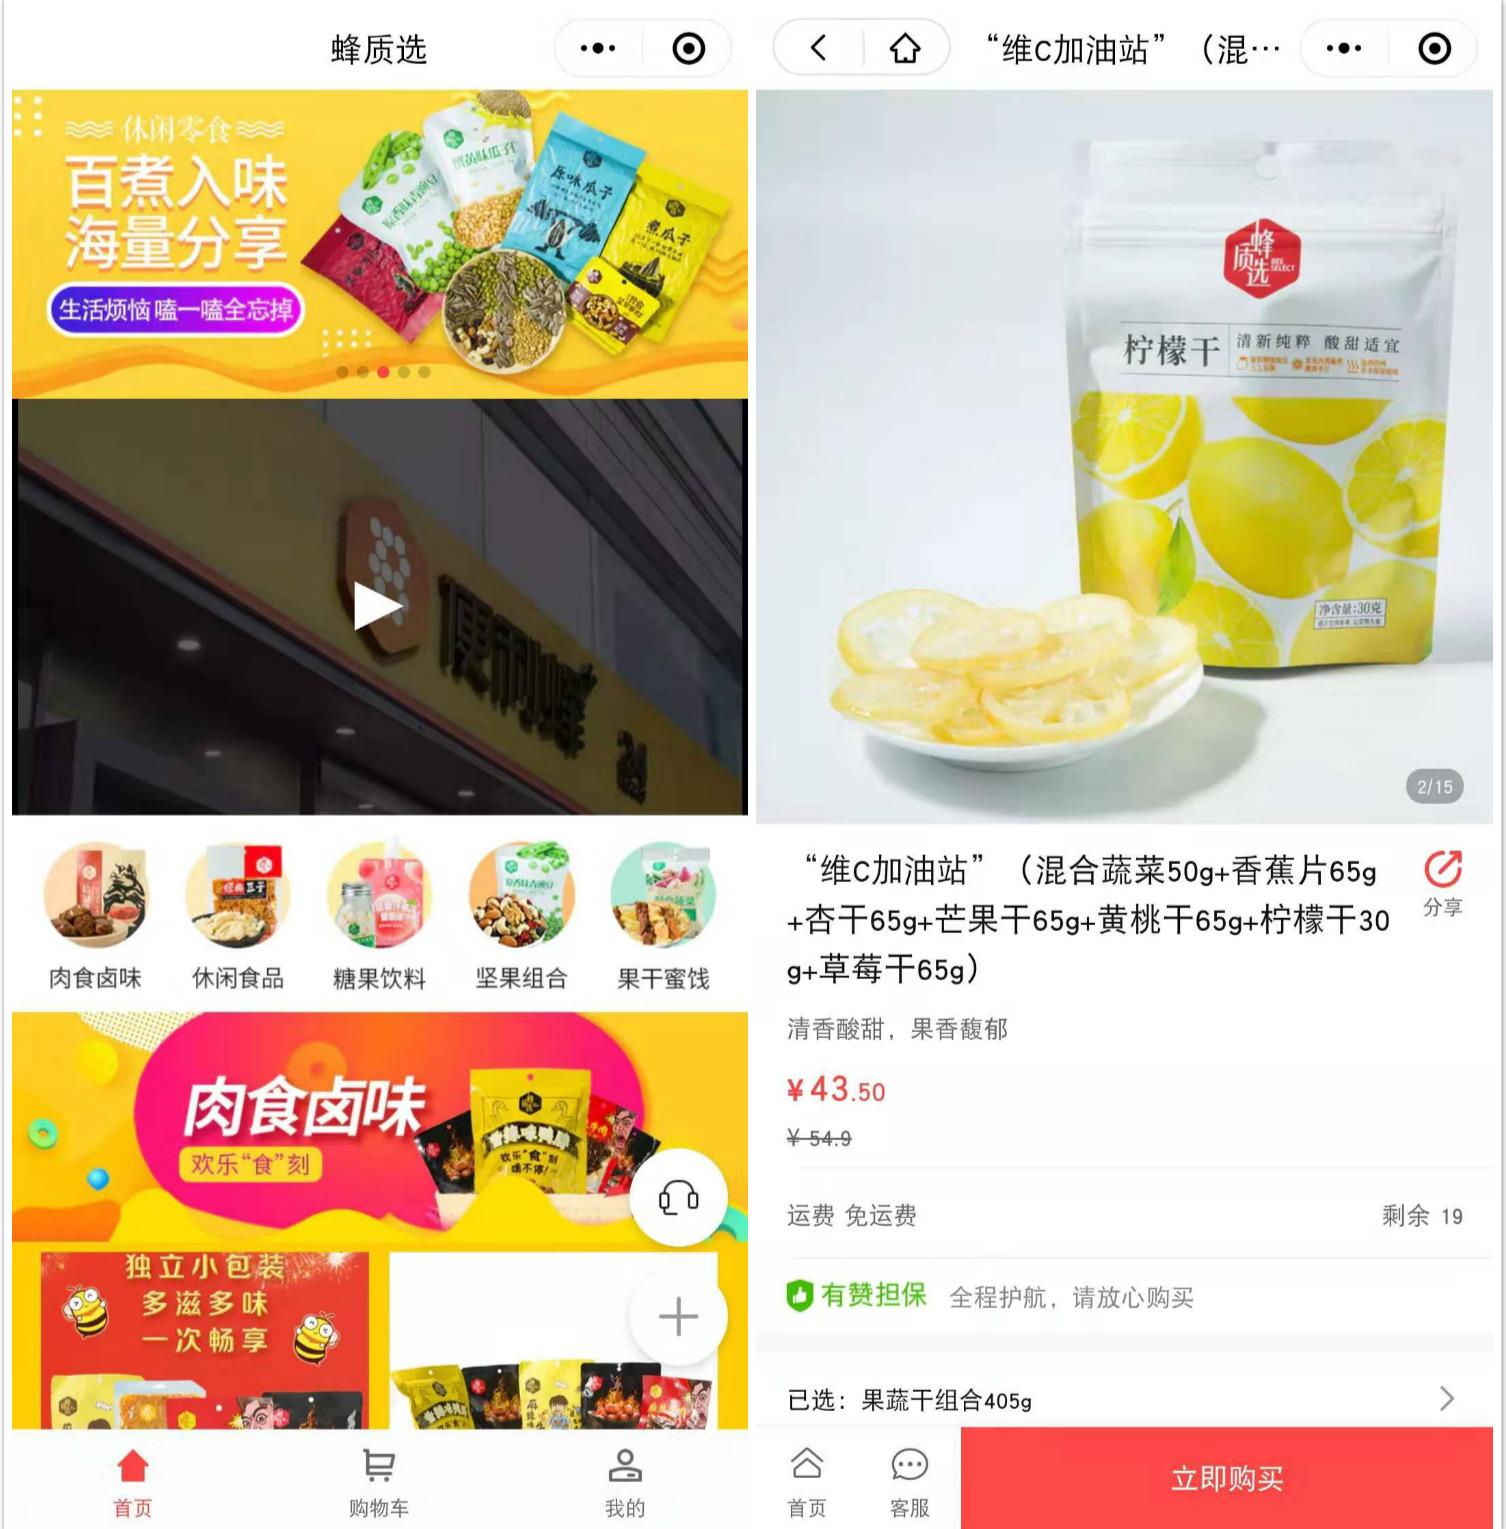 http://www.xqweigou.com/dianshangrenwu/100957.html